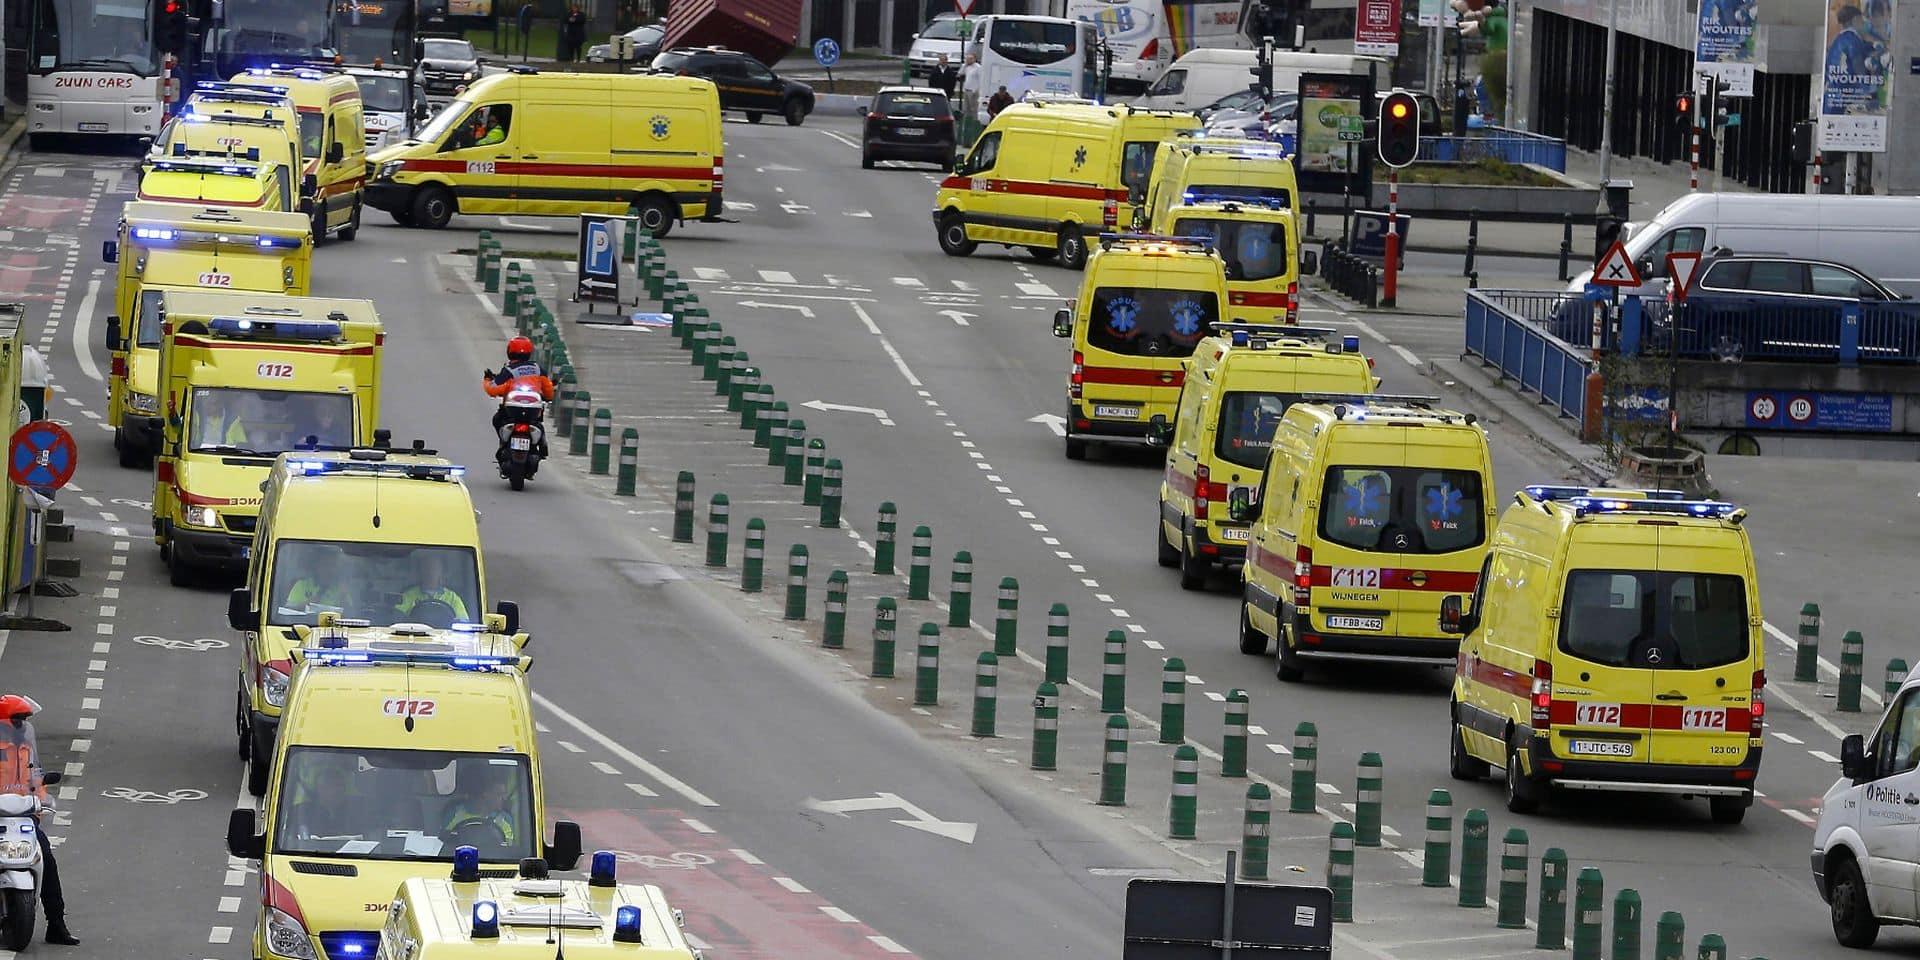 Des ambulanciers agressés au cours d'une intervention à Avelgem